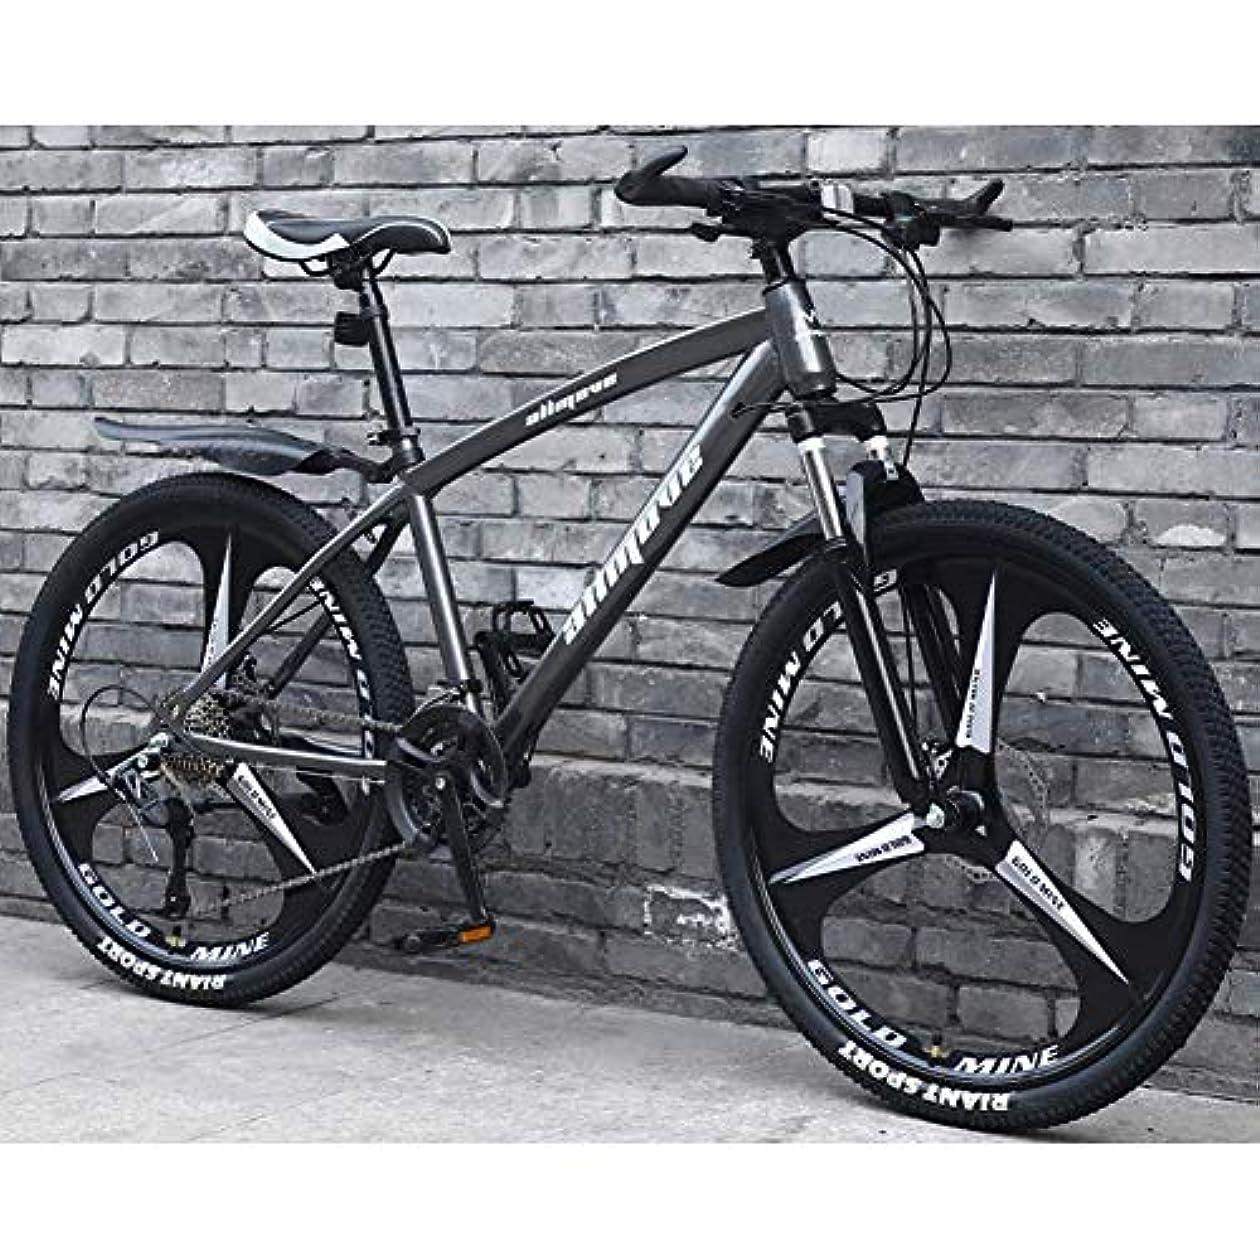 コロニアル無駄な手がかりマウンテンバイク自転車、軽量炭素鋼フレームダブルディスクブレーキ24速度可変速度マウンテンバイク男性と女性ロードバイク、グレー、24インチ